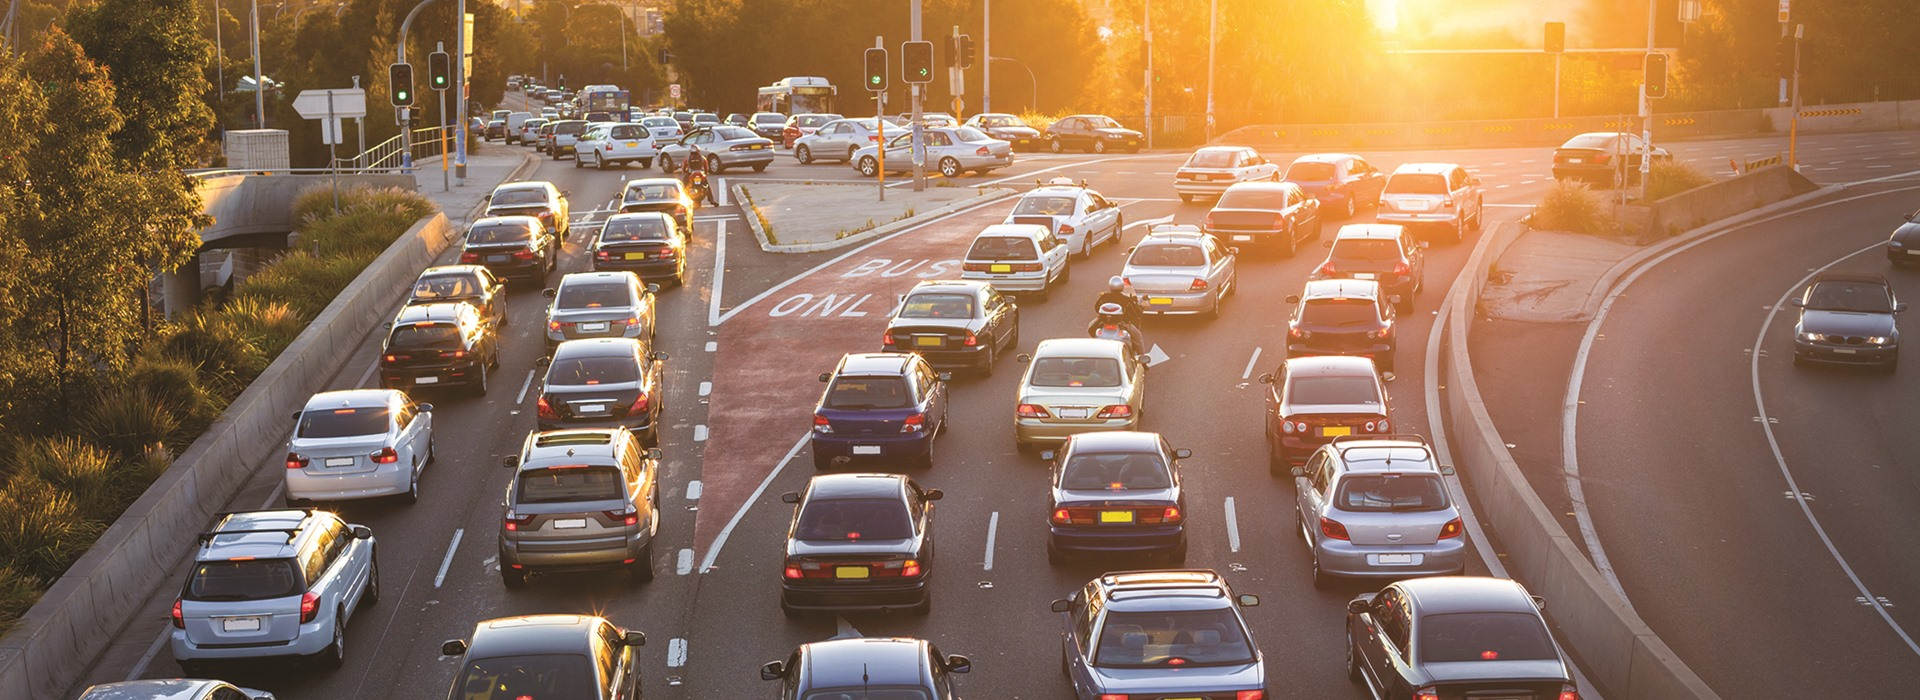 Как сделать дороги безопасными для водителей и пешеходов